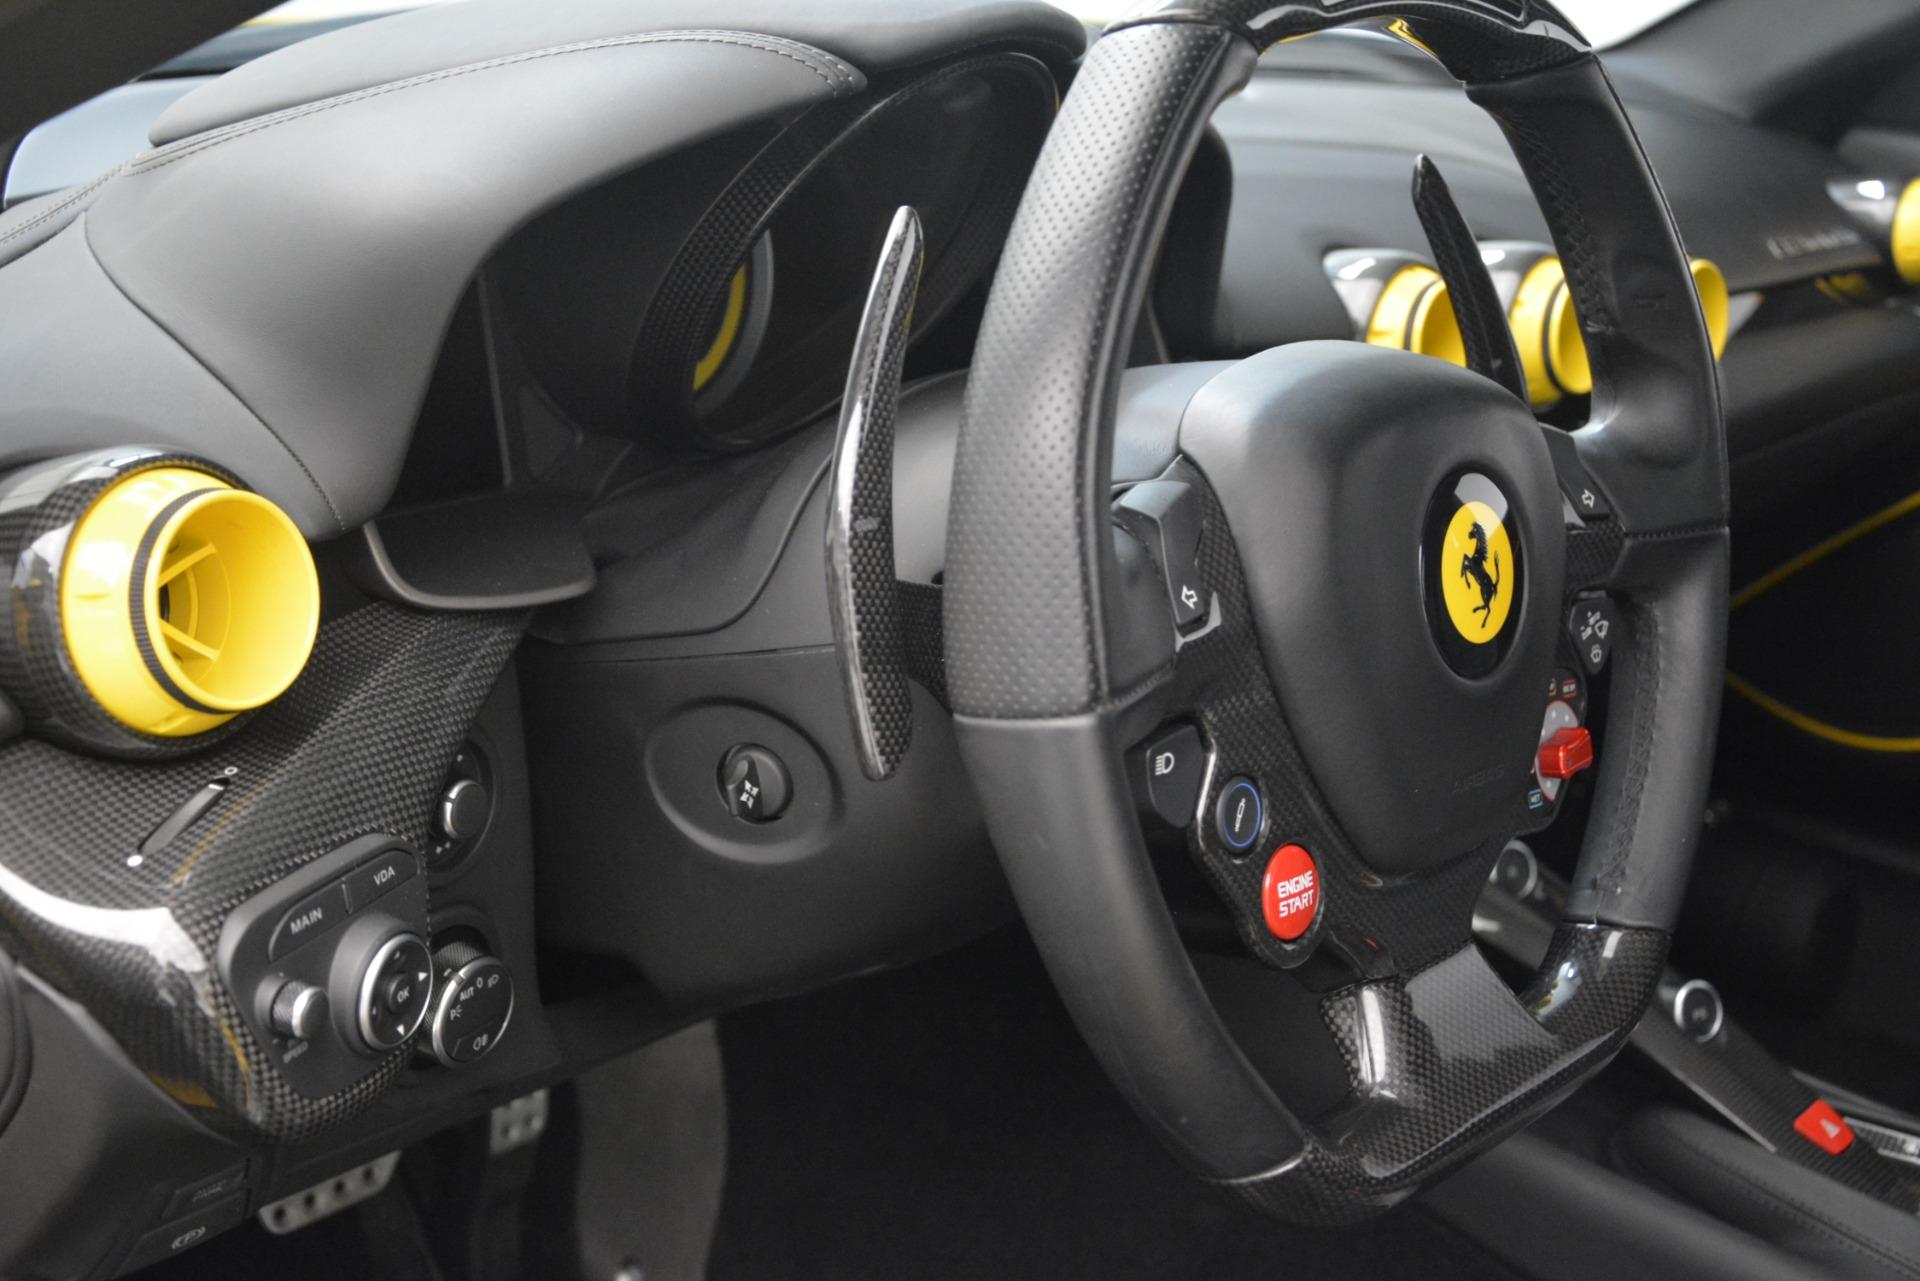 Used 2015 Ferrari F12 Berlinetta  For Sale In Greenwich, CT 3254_p20